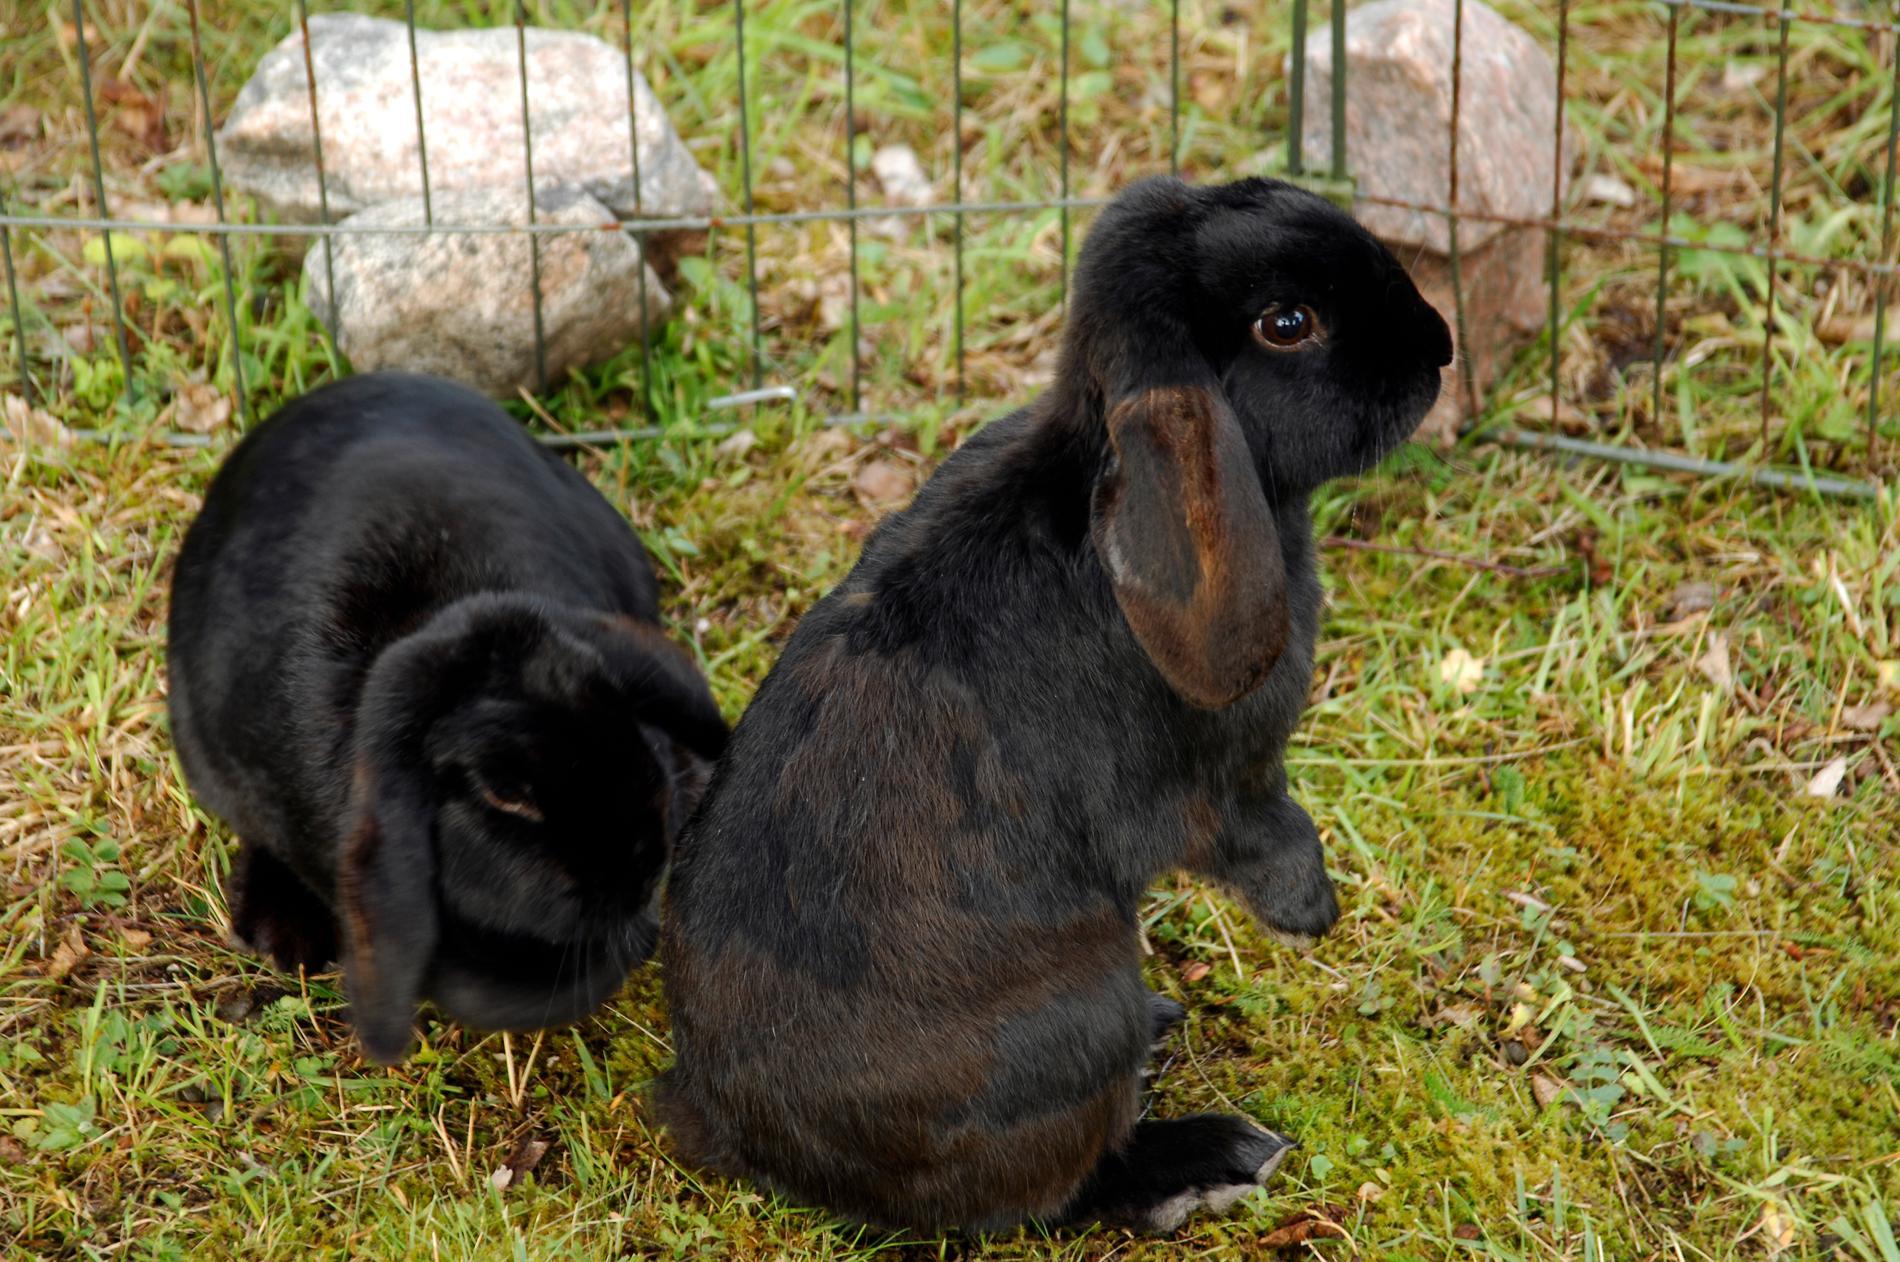 Arkivbild. Kaninerna på bilden har inget med händelsen att göra.